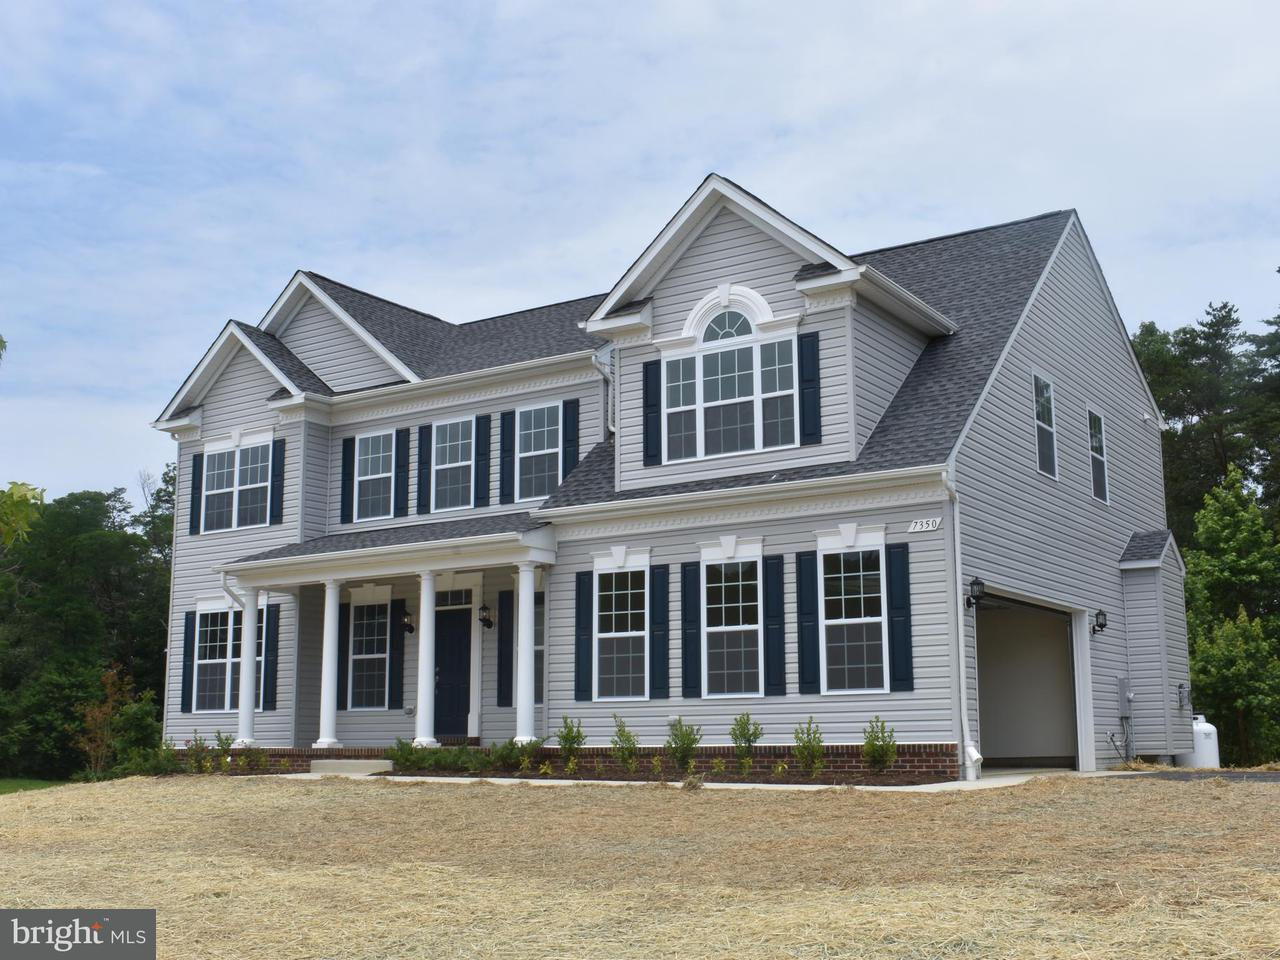 Частный односемейный дом для того Продажа на 7350 SCARLET SAGE Court 7350 SCARLET SAGE Court Hughesville, Мэриленд 20637 Соединенные Штаты